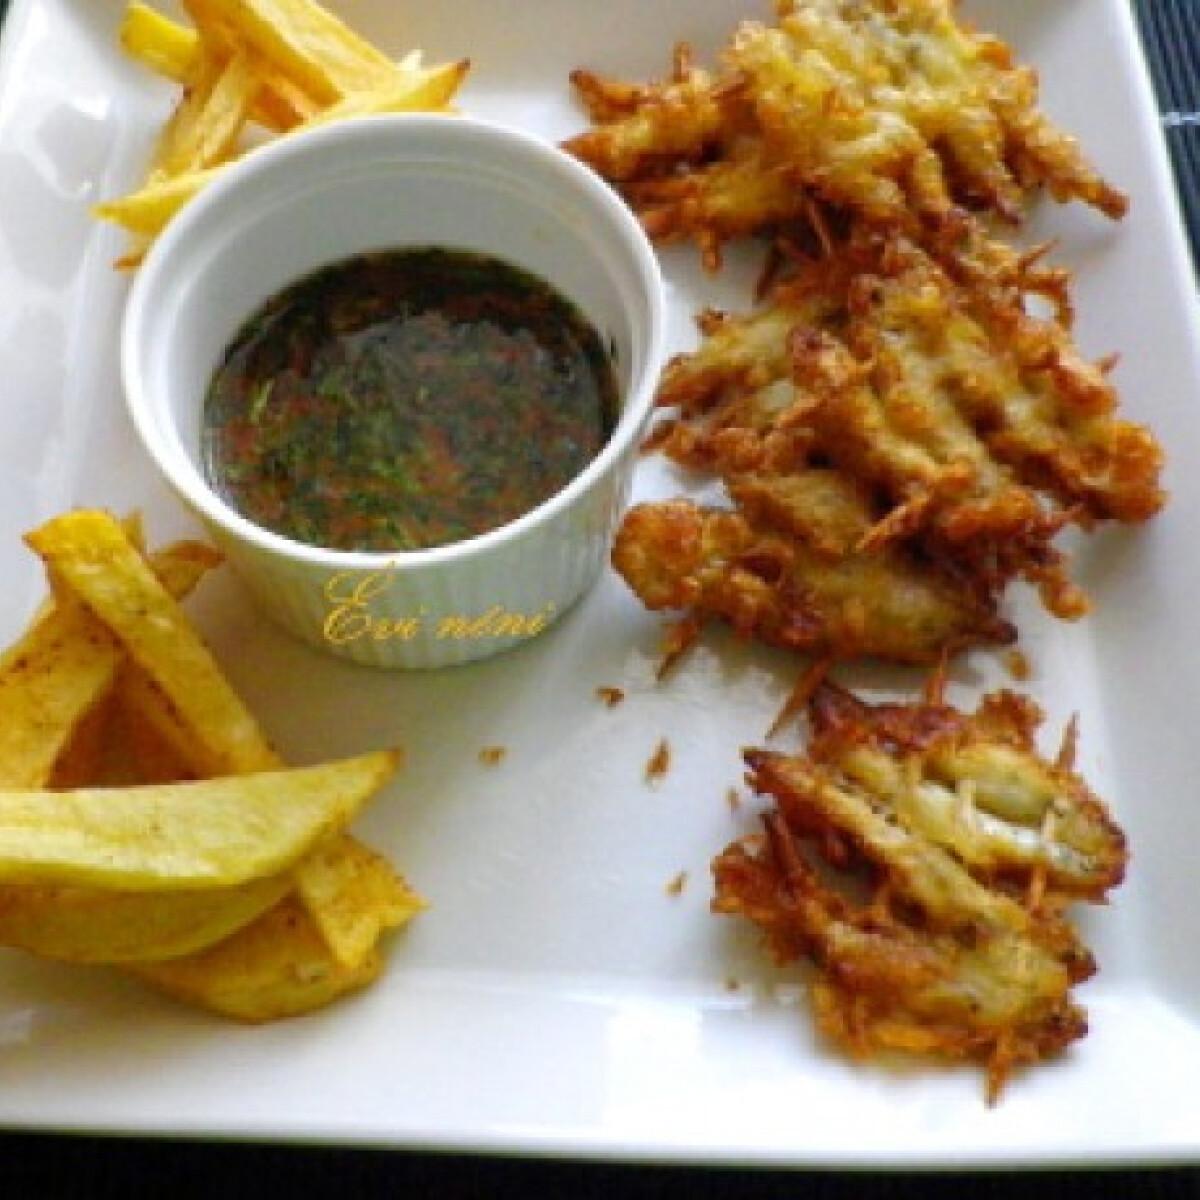 Ezen a képen: Solo fritto misto chili jam-mel